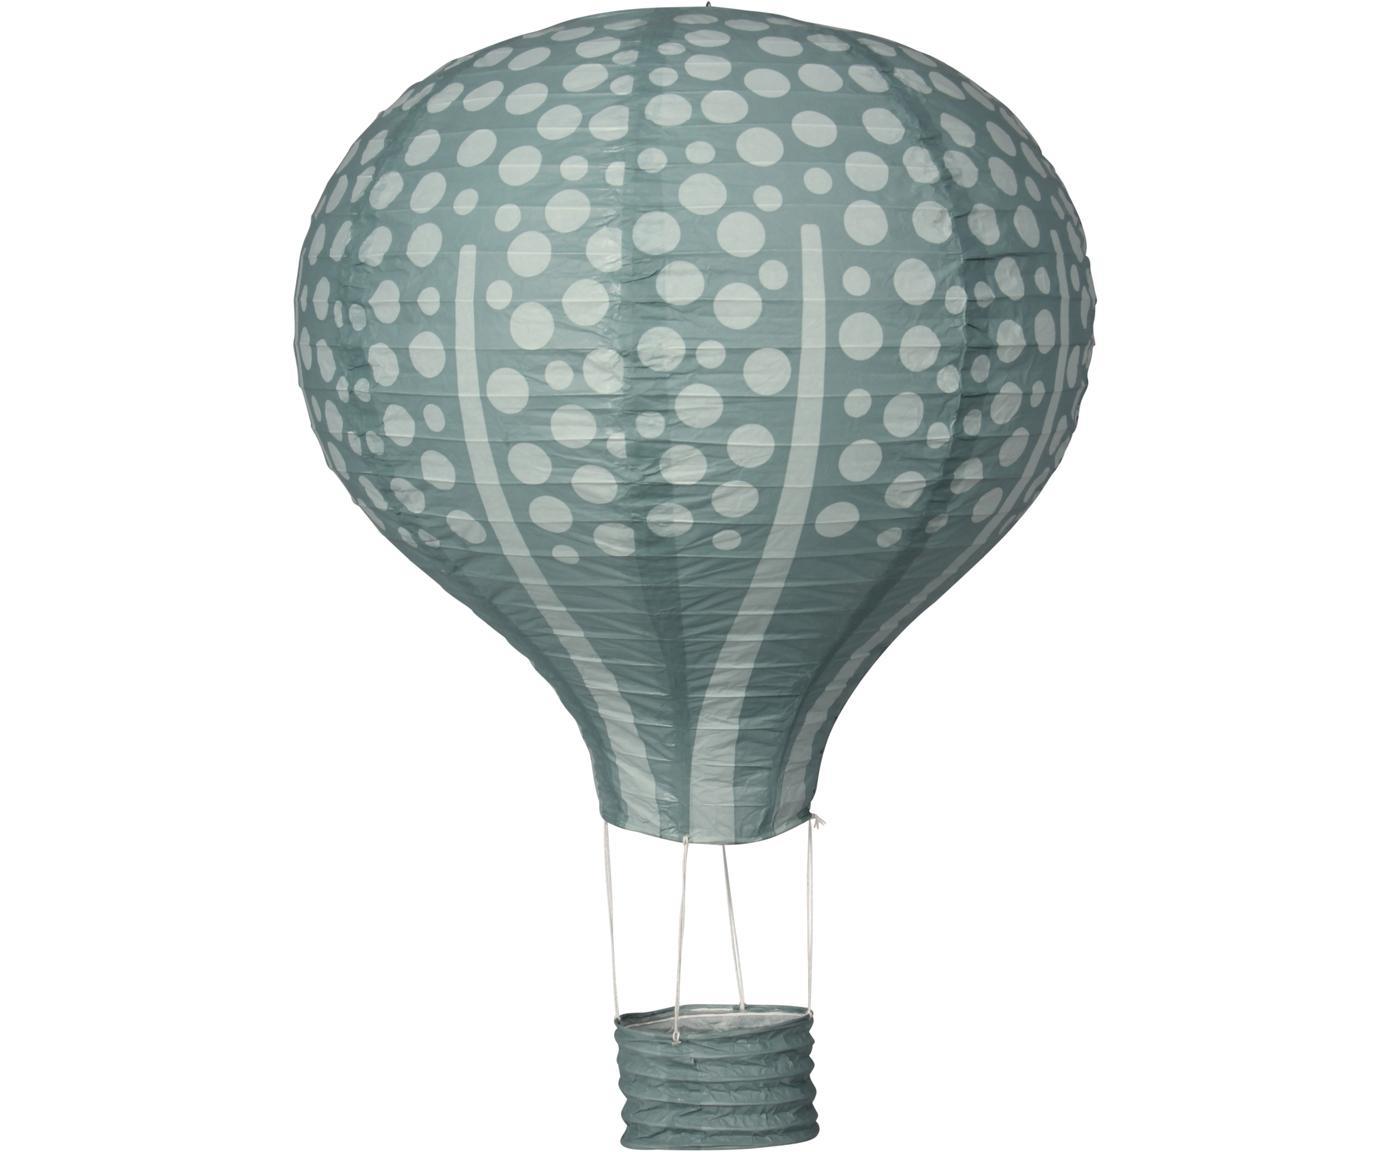 Deko-Objekt Forest Balloon, Papier, Metall, Baumwolle, Mintgrün, Grün, Ø 40 cm